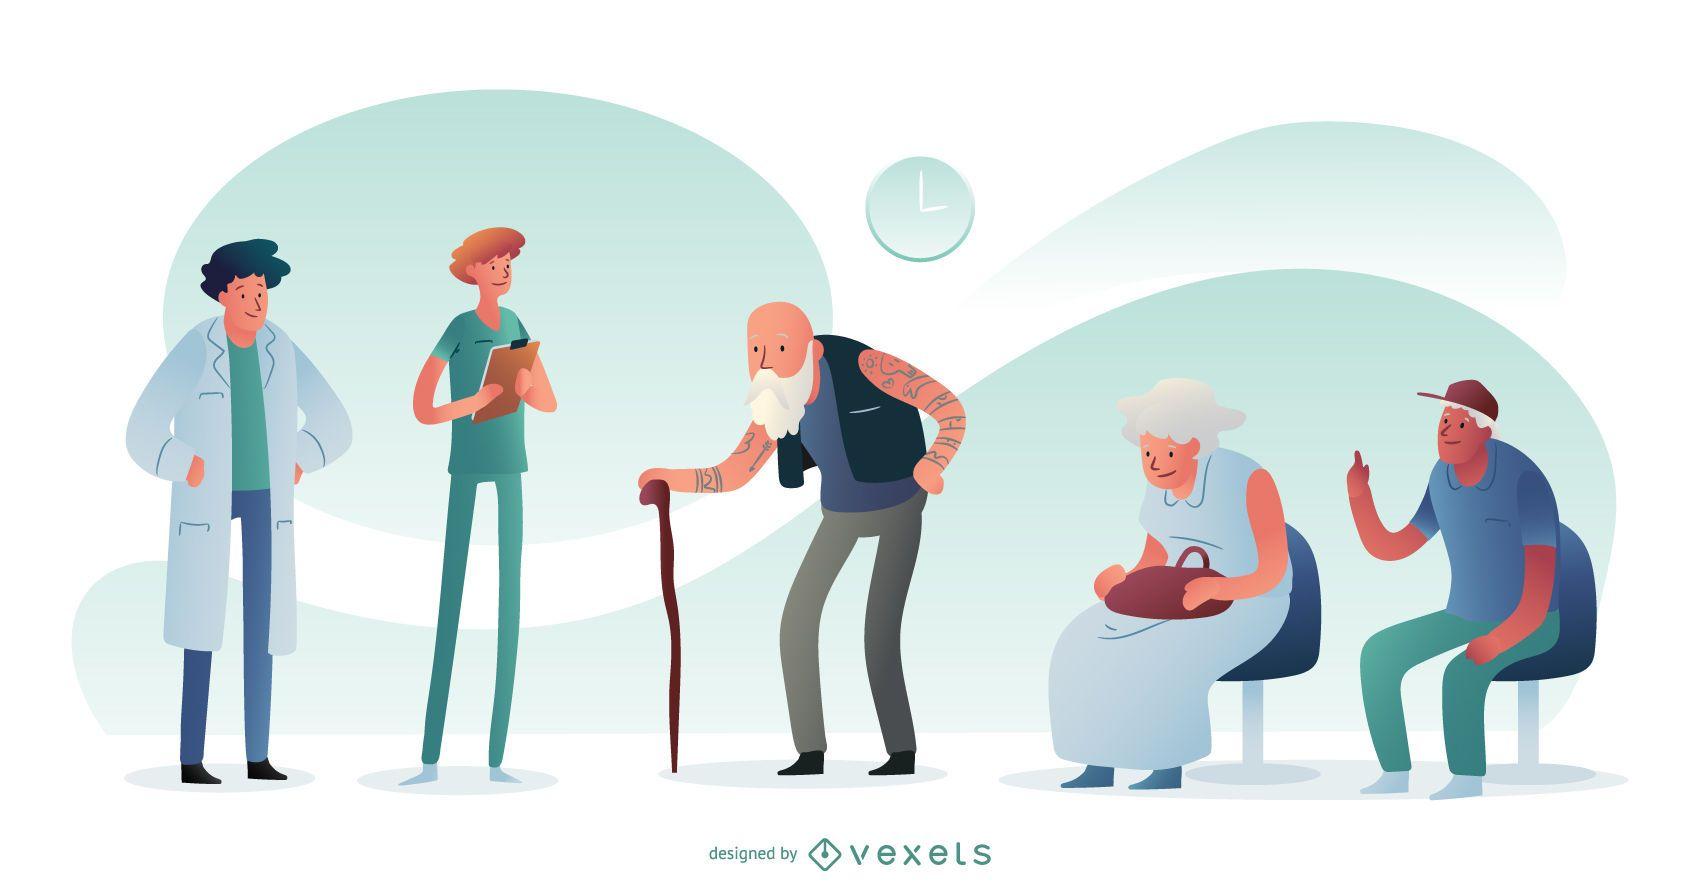 Composición gráfica de personas del hospital